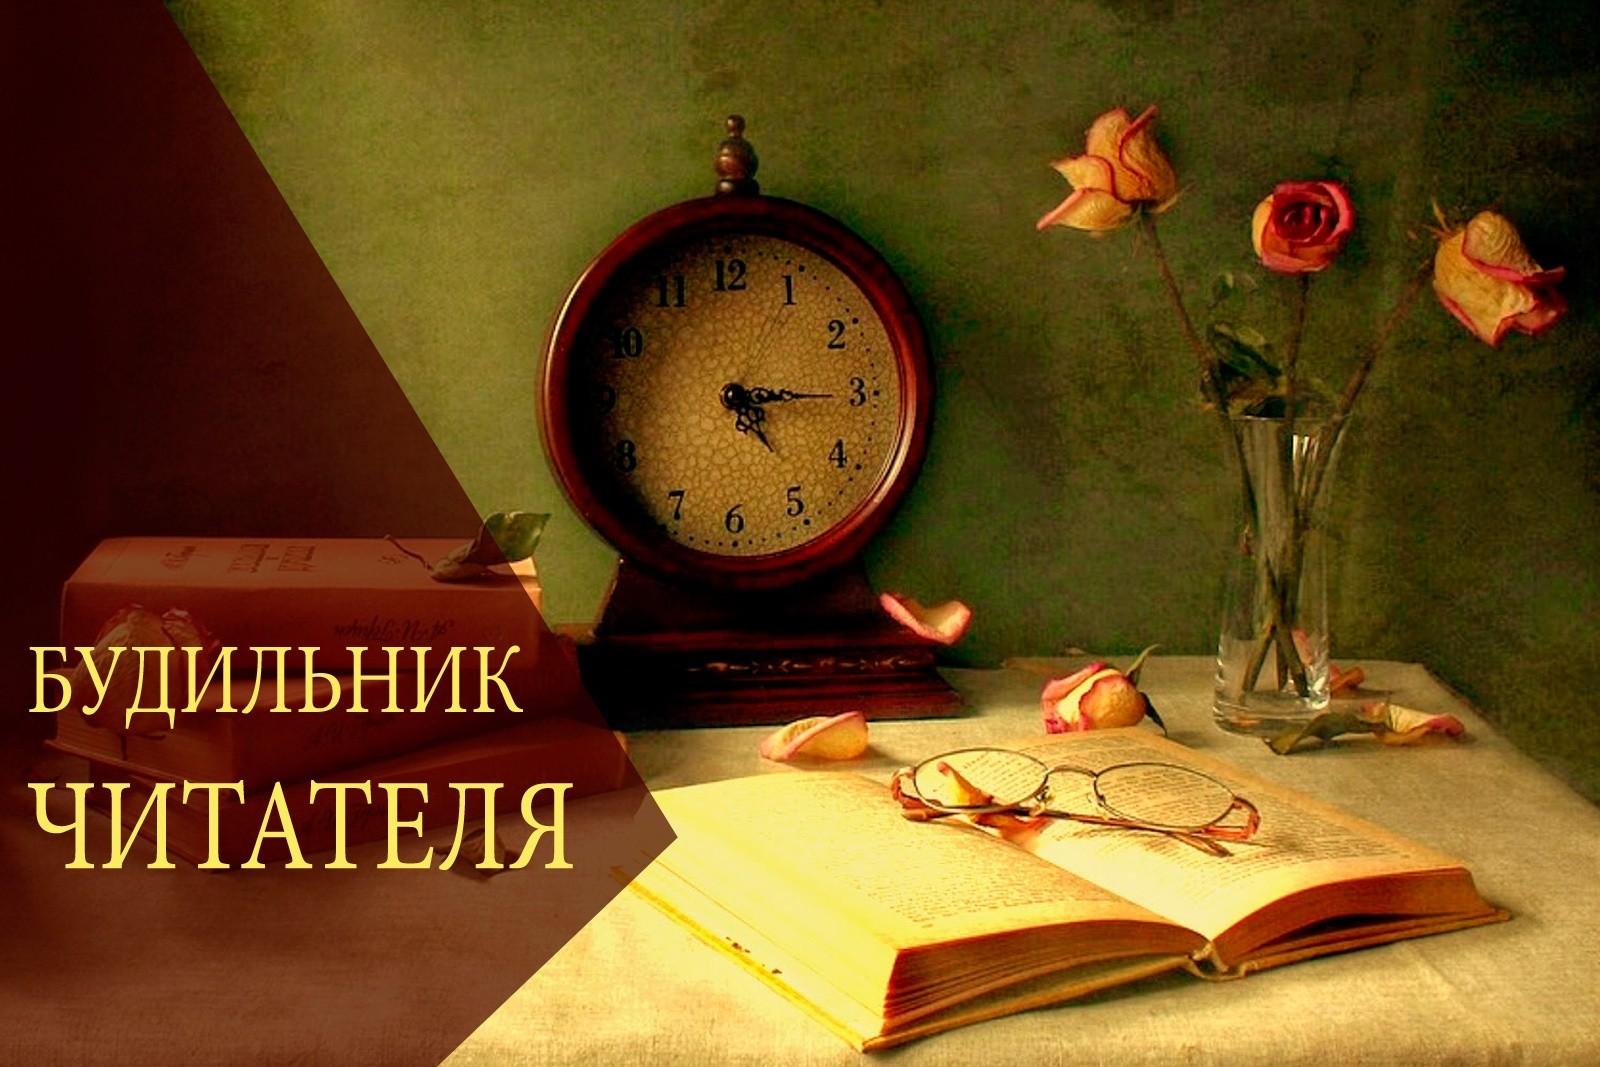 Интересные статьи как будильник для читателя